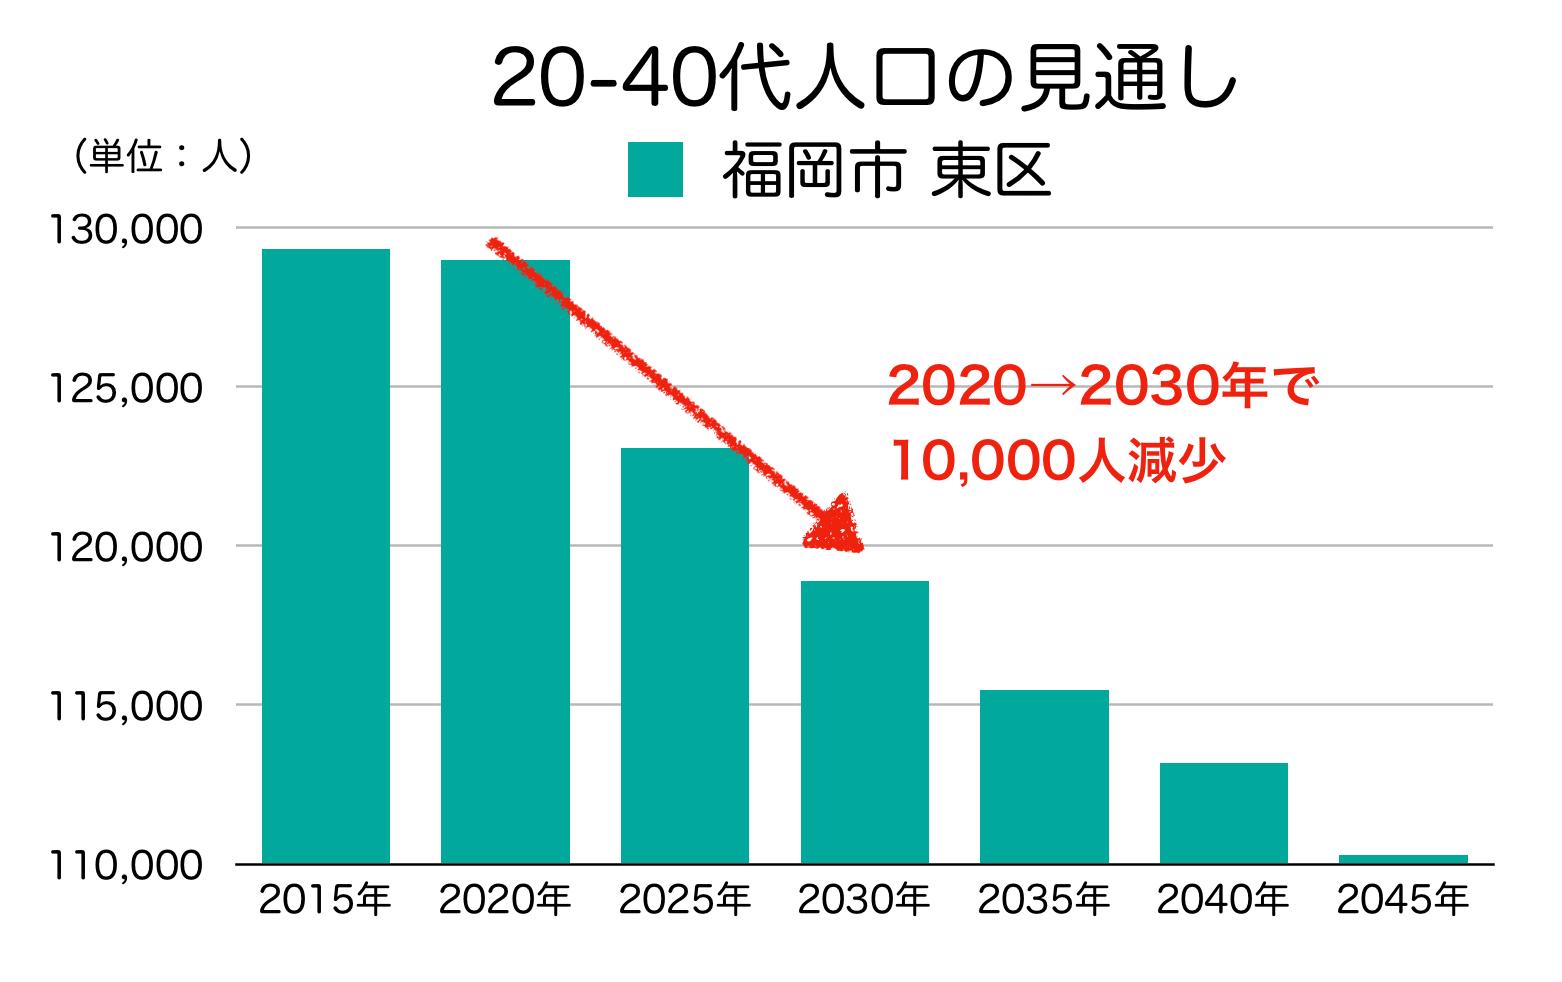 福岡市東区の20〜40代人口の予測